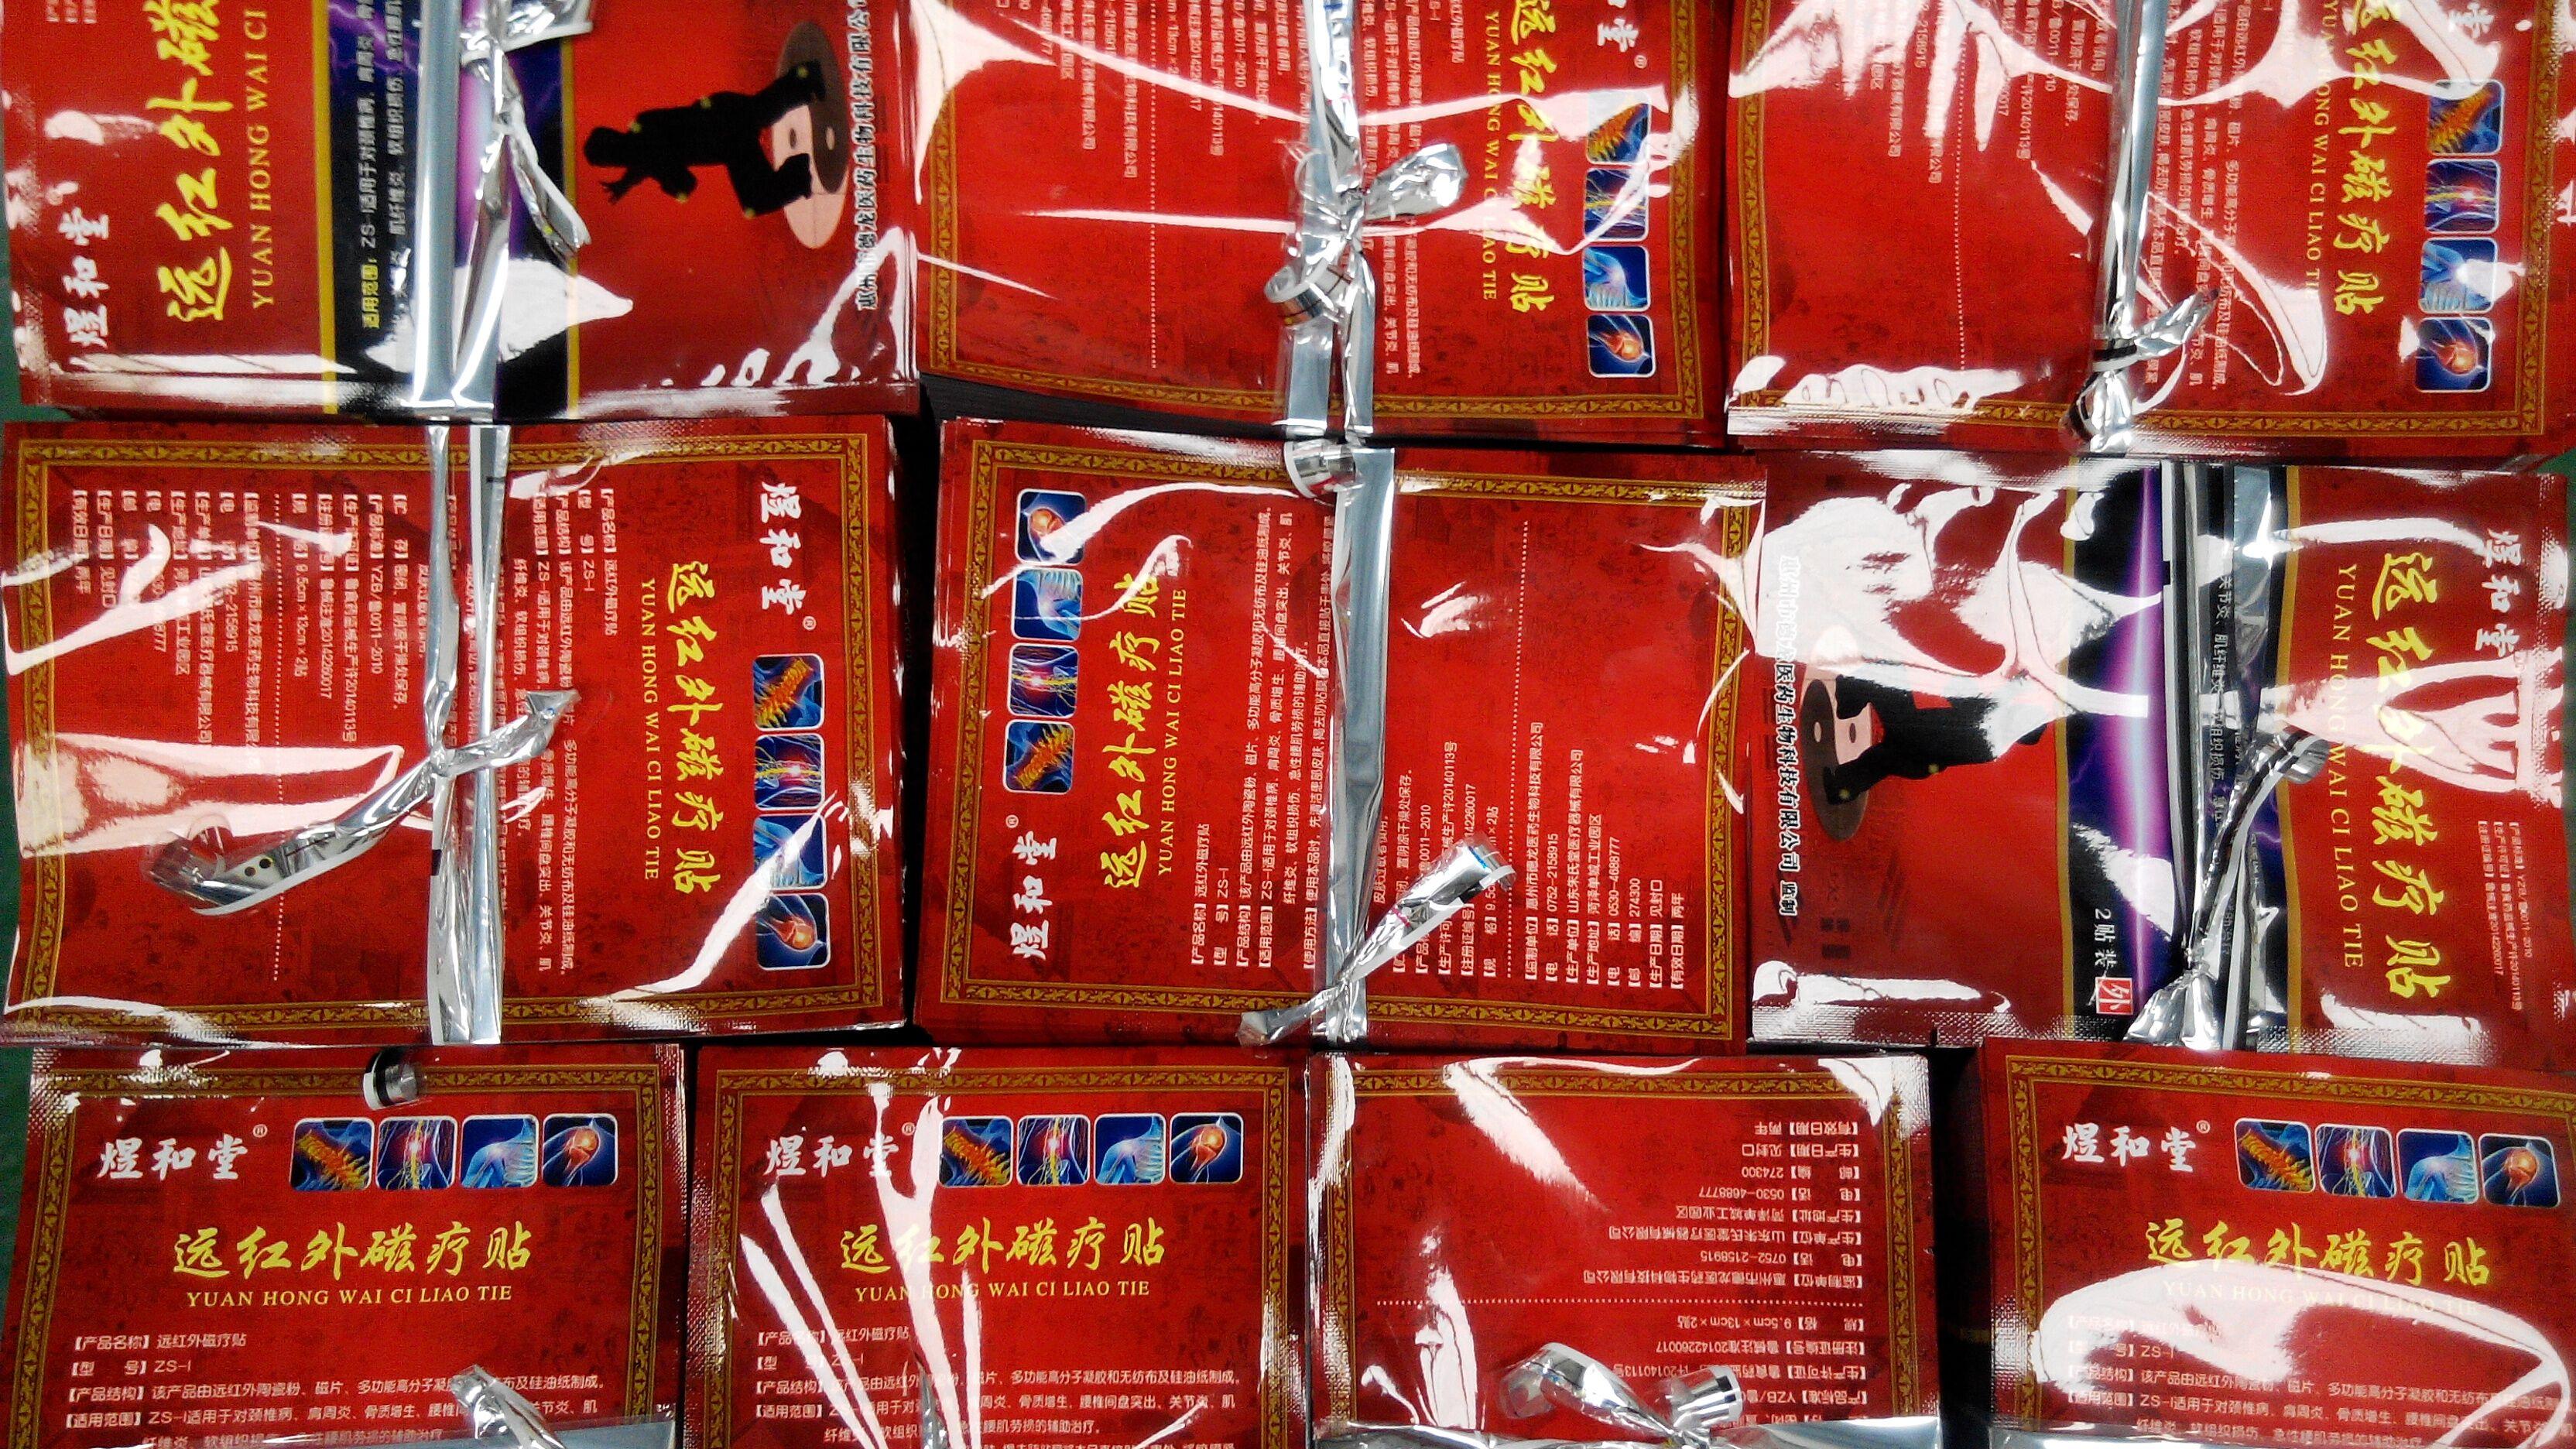 药品包装膜—复合彩印包装膜